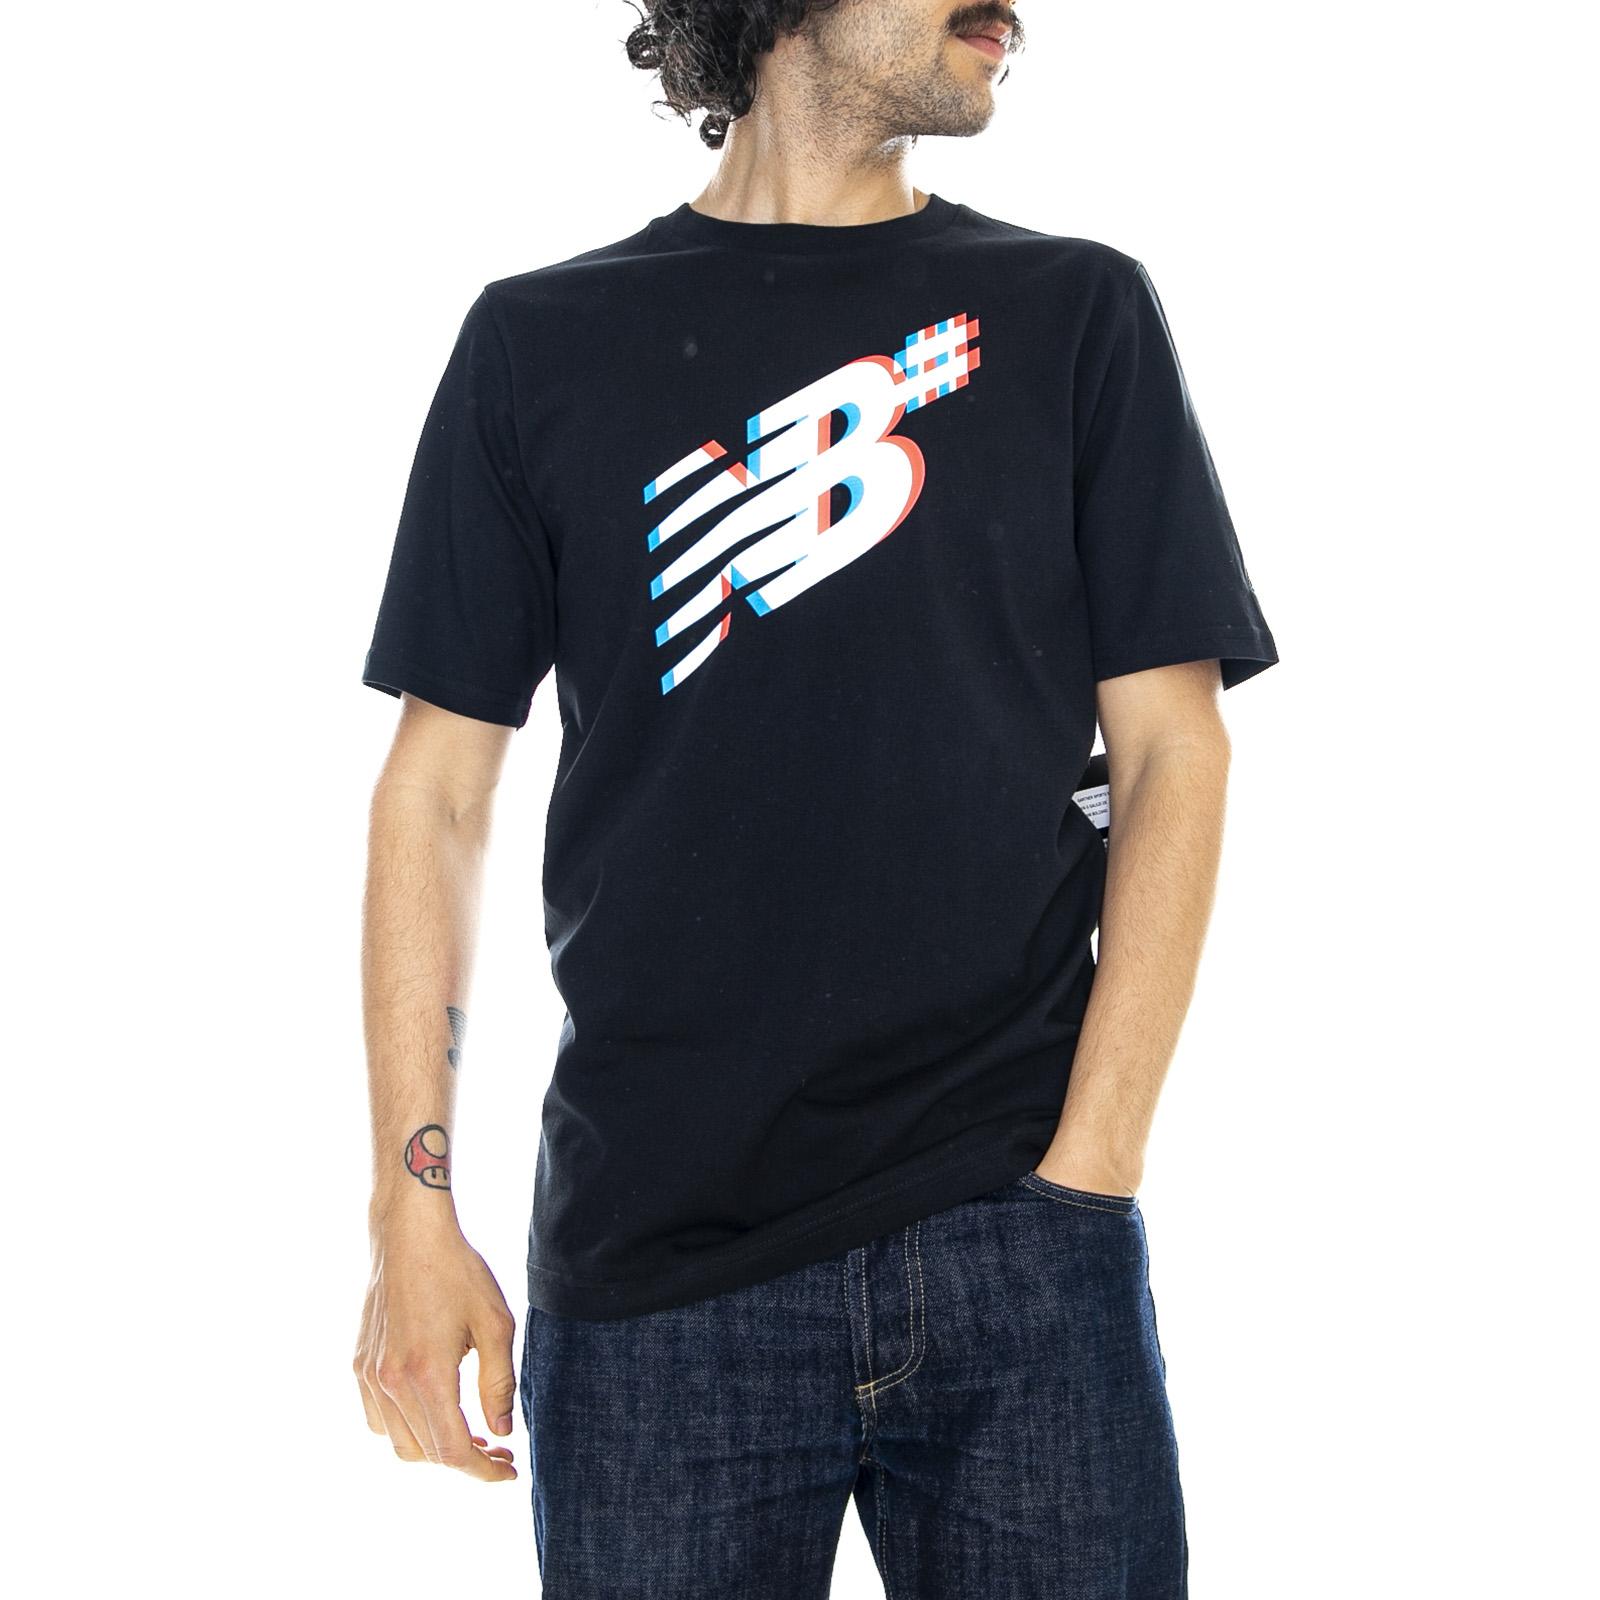 camiseta new balance hombre economica